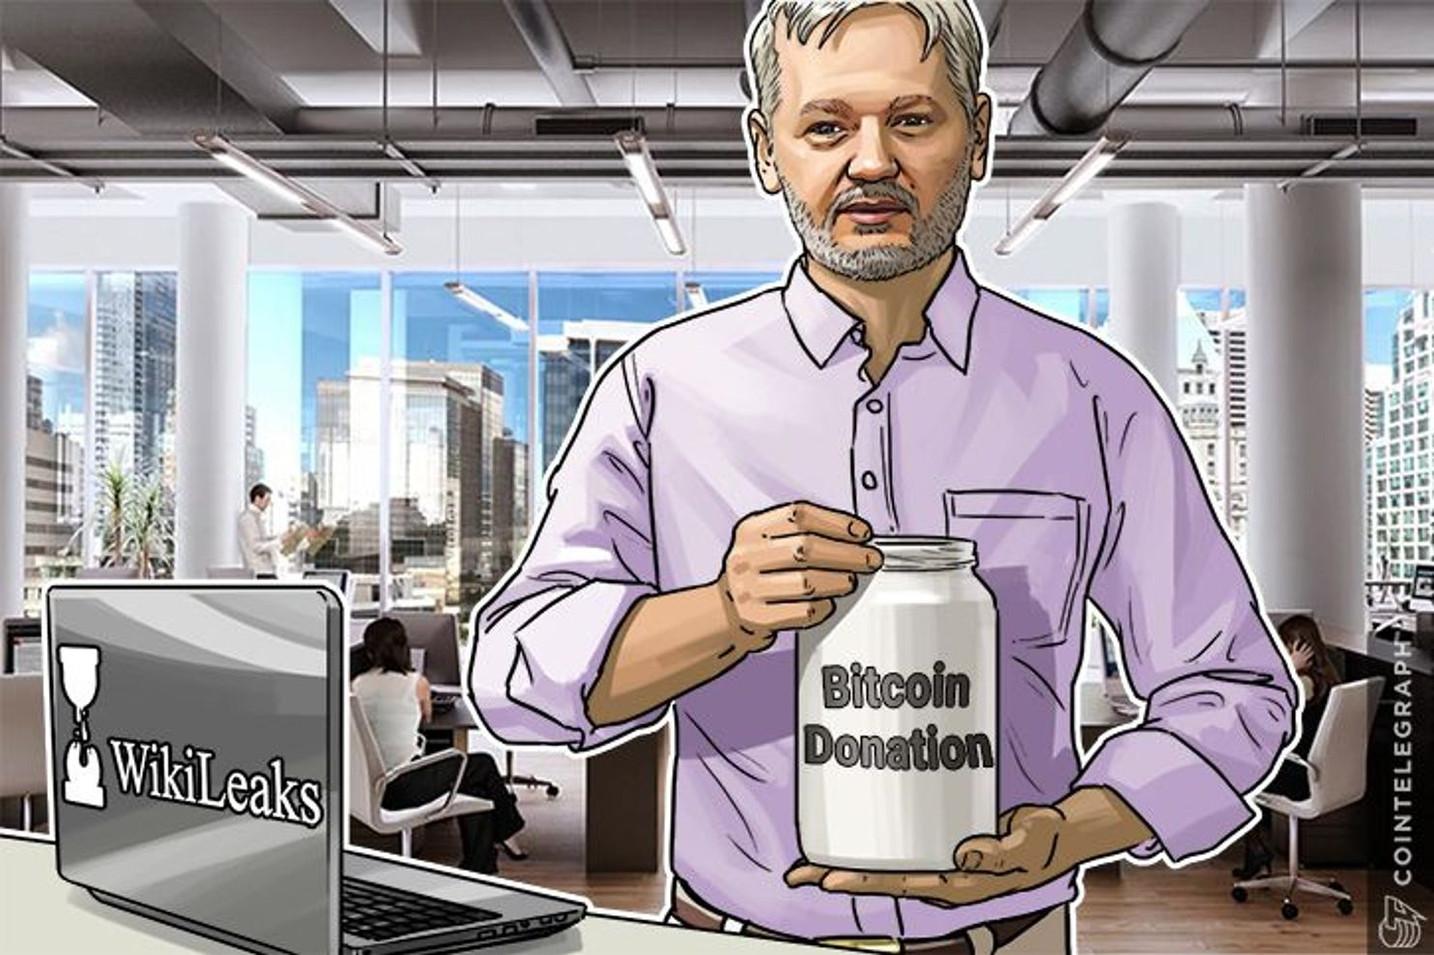 ウィキリークス創設者がロンドンで逮捕 過去に仮想通貨やビットコインめぐる発言も